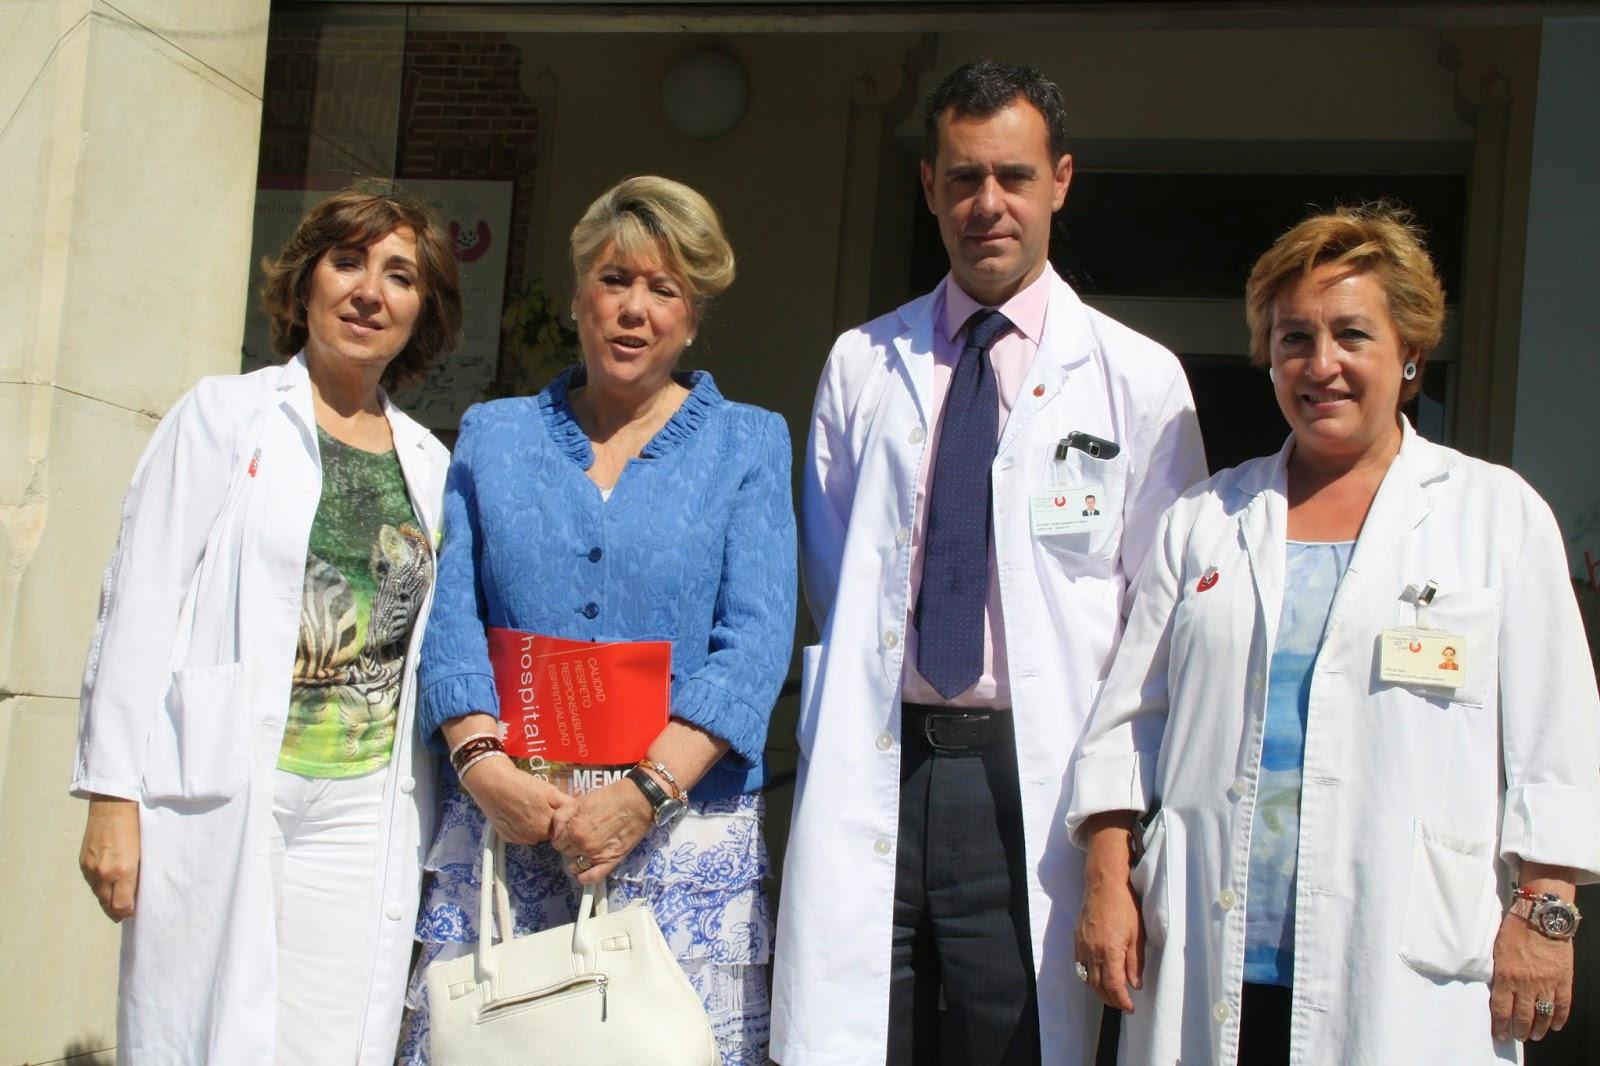 La Concejala de MOratalaz, Begoña Larrainzar, con los responsables de la Fundación Isntituto San José.